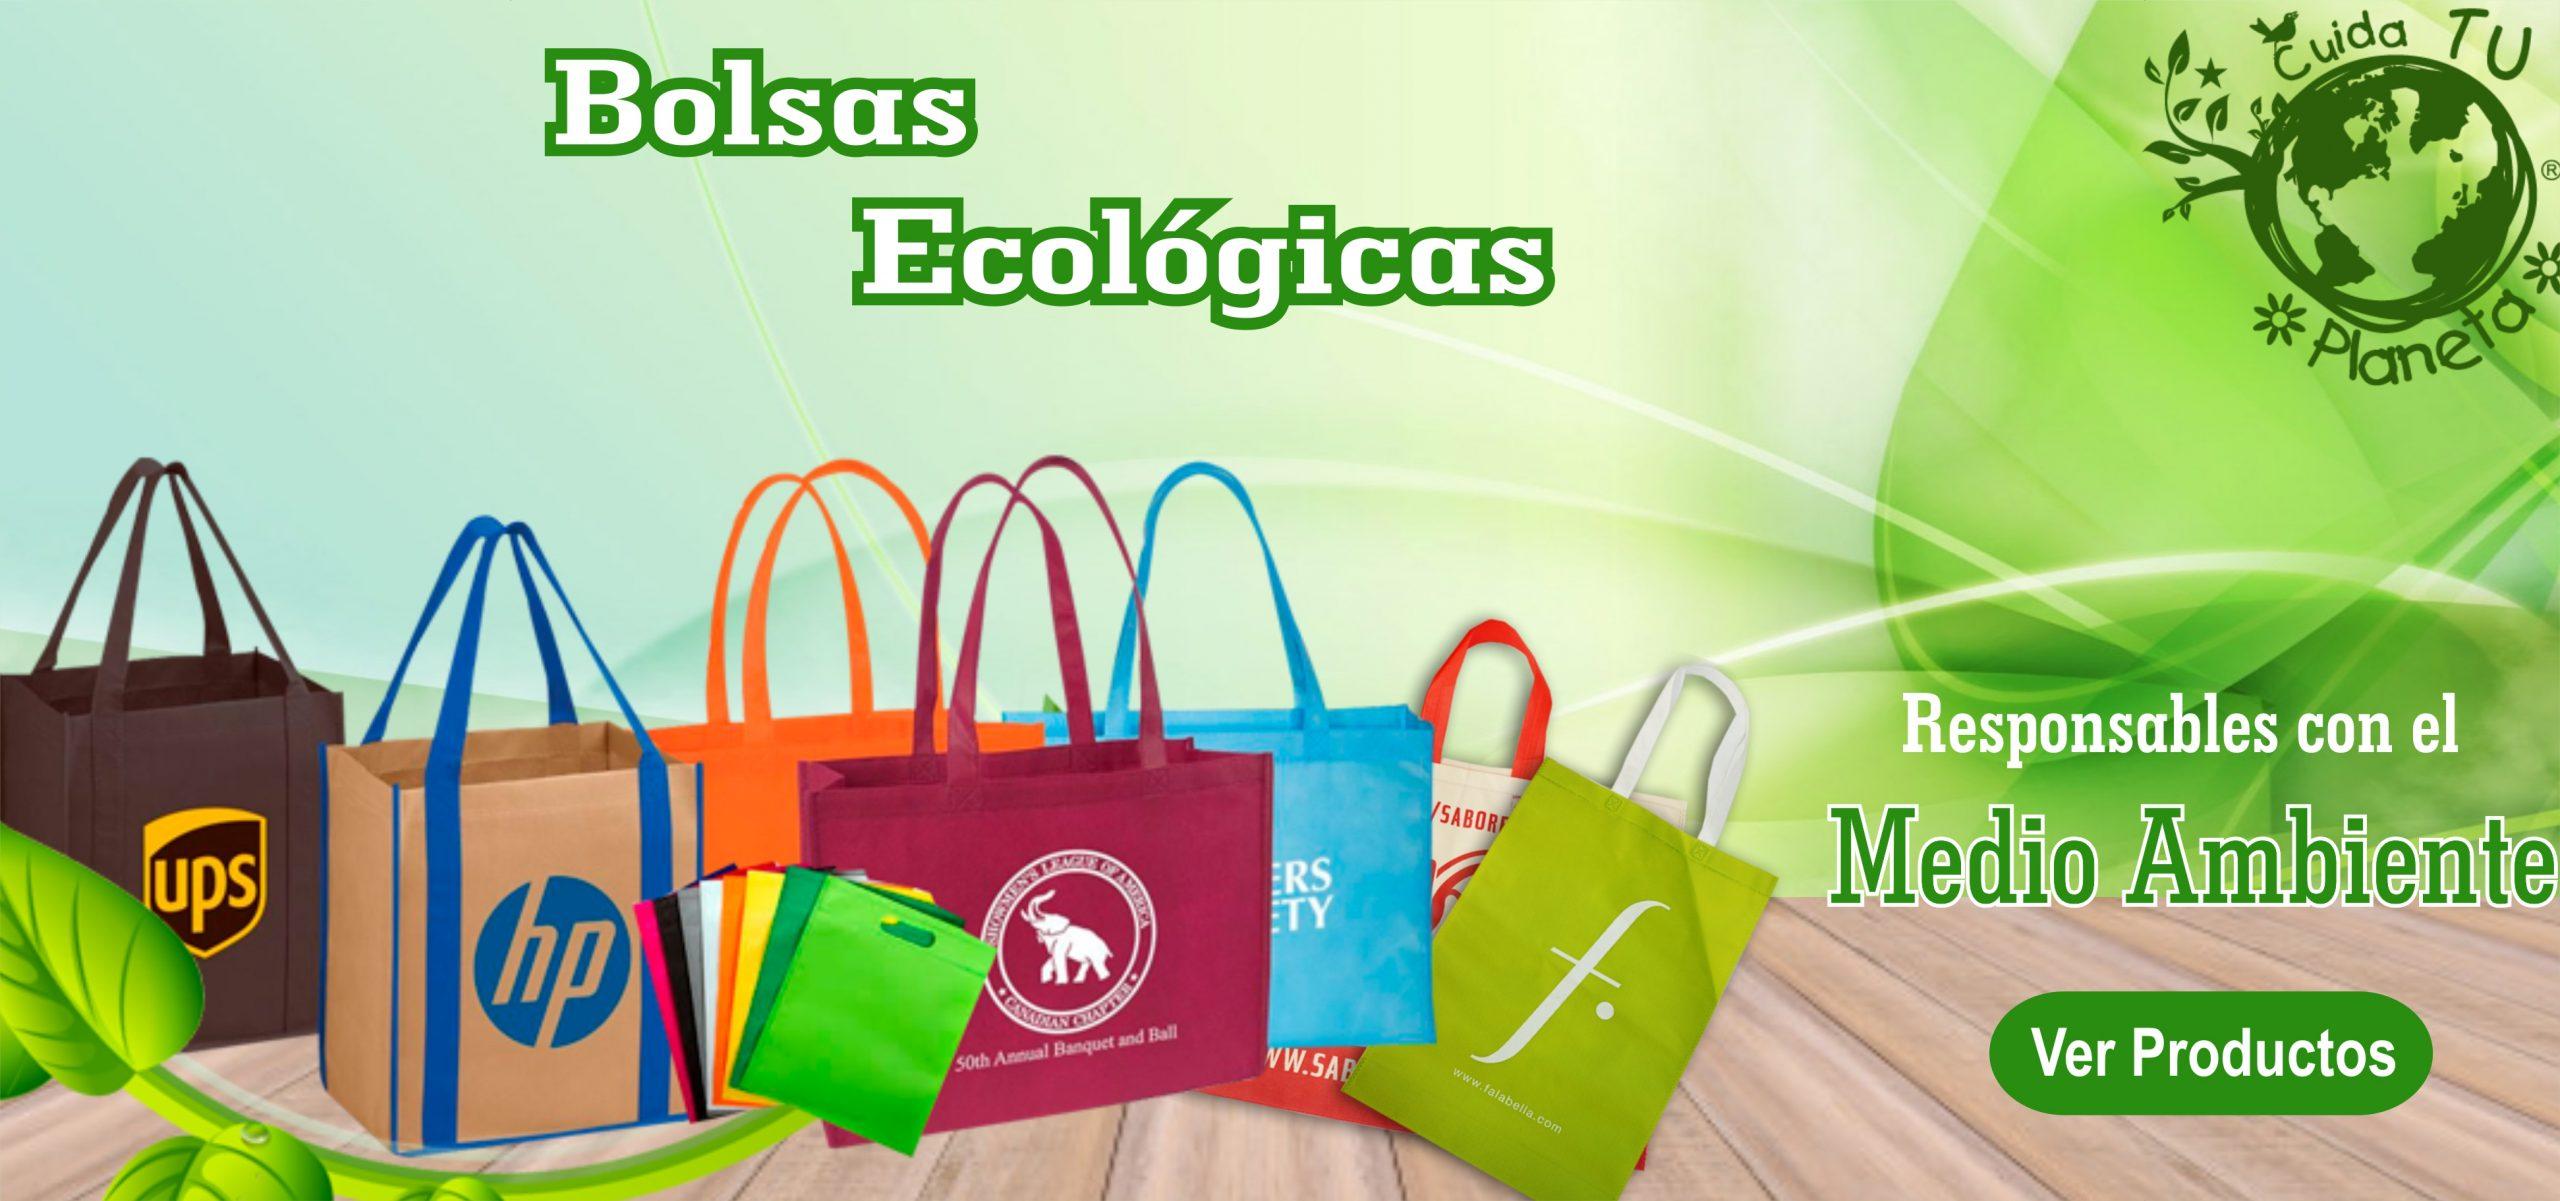 SLIDER BOLSAS ECOLÓGICAS